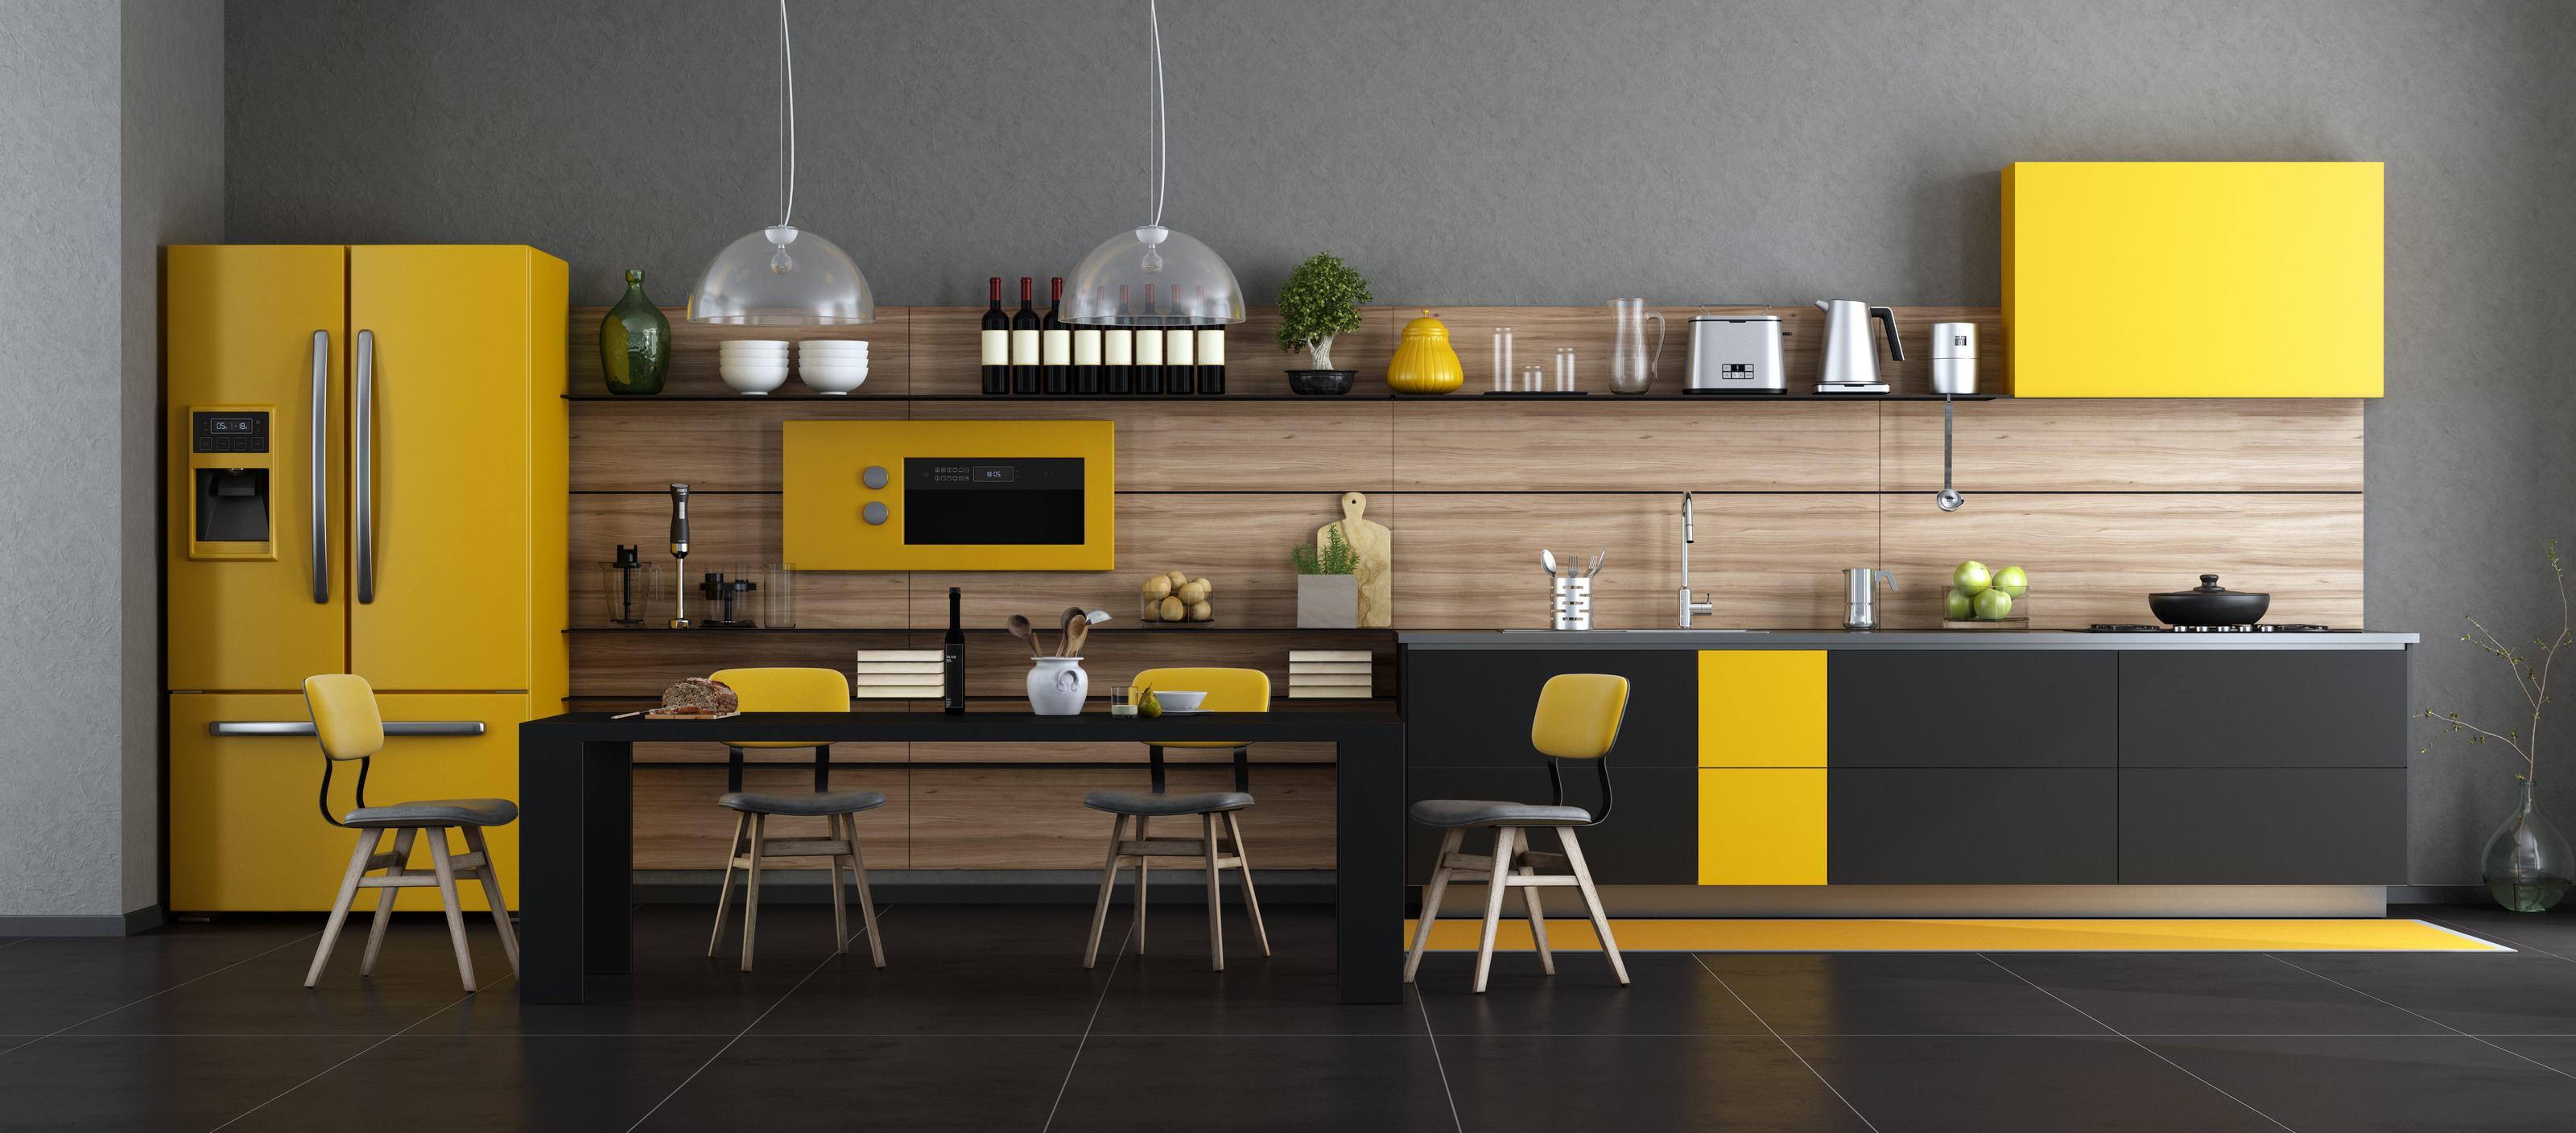 Żółto czarna kuchnia, idealne rozwiązanie do nowoczesnych stylizacji kuchennych